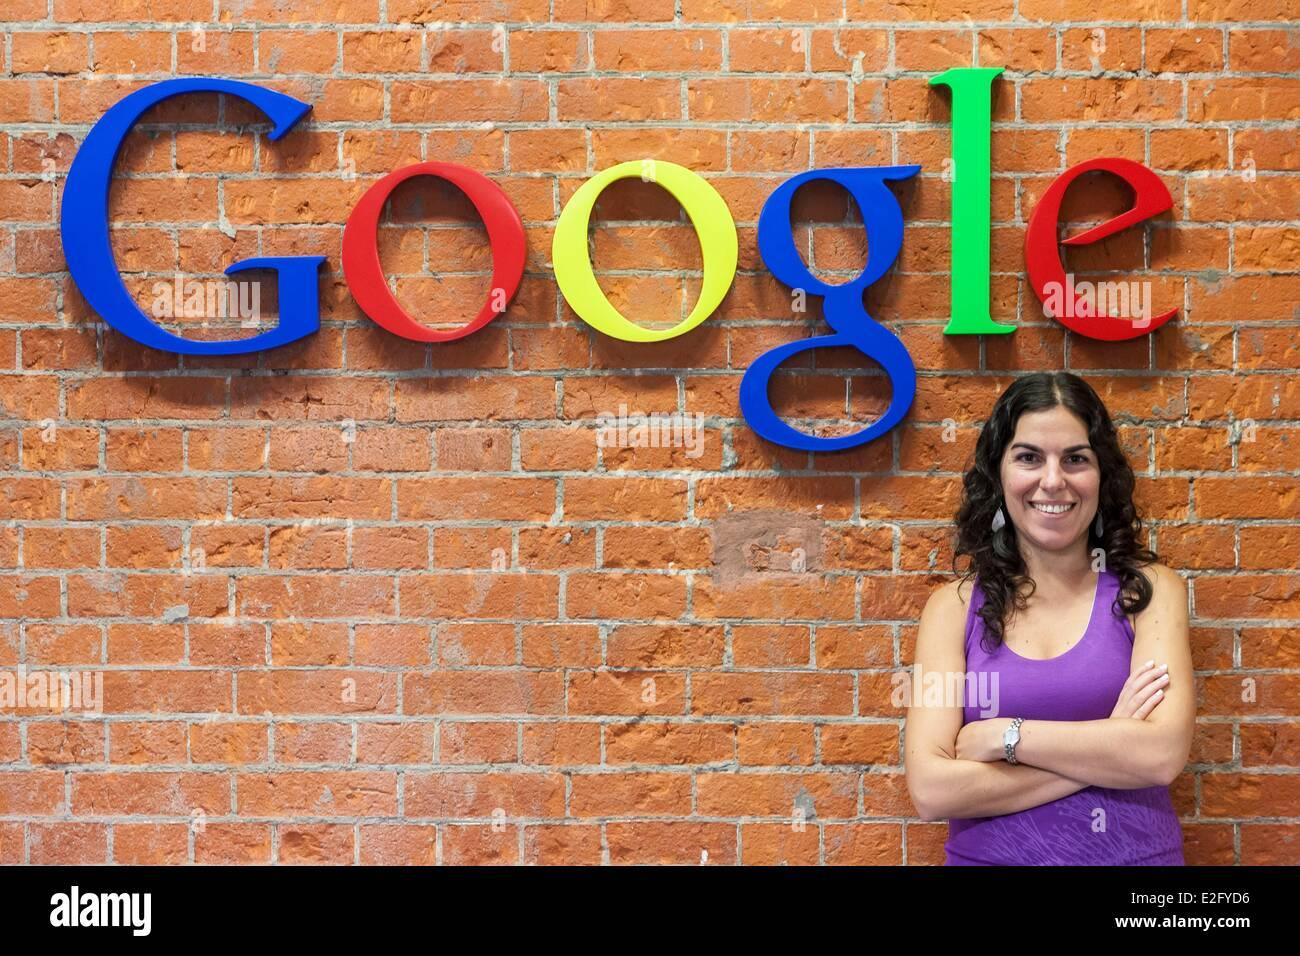 Argentinien Buenos Aires Puerto Madero Bezirk Hauptsitze von Google Argentinien Angestellter in das logo Stockbild